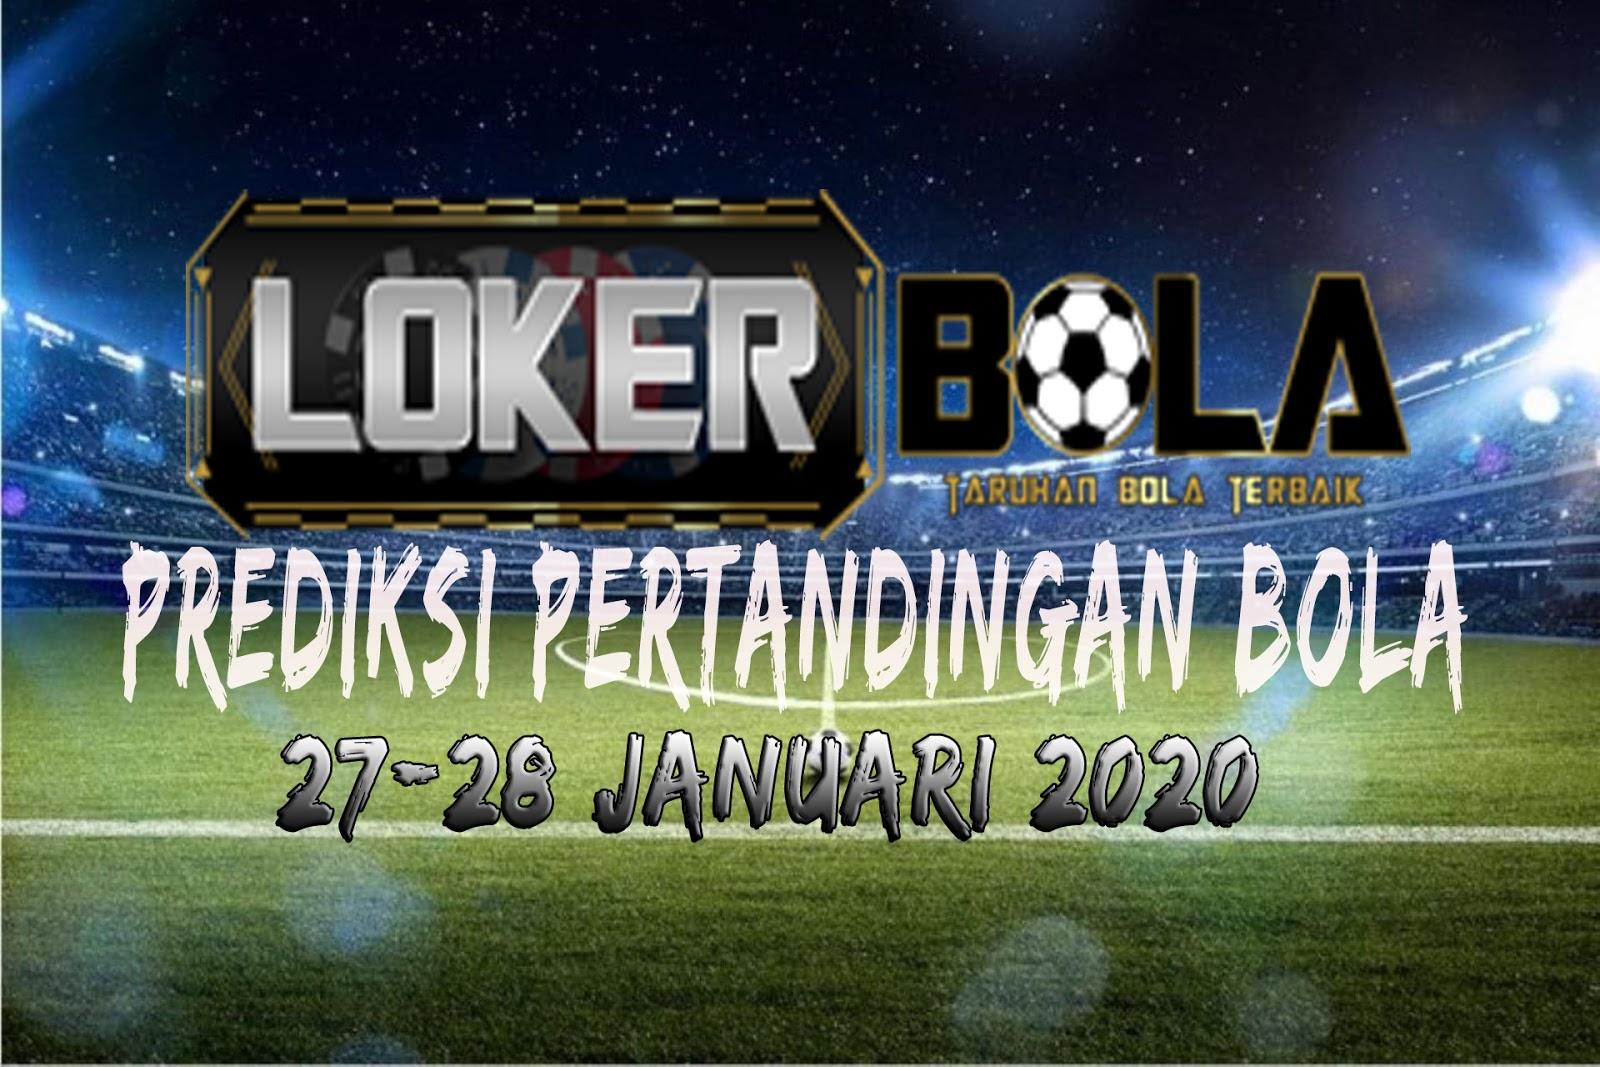 PREDIKSI PERTANDINGAN BOLA 27-28 JANUARI 2020